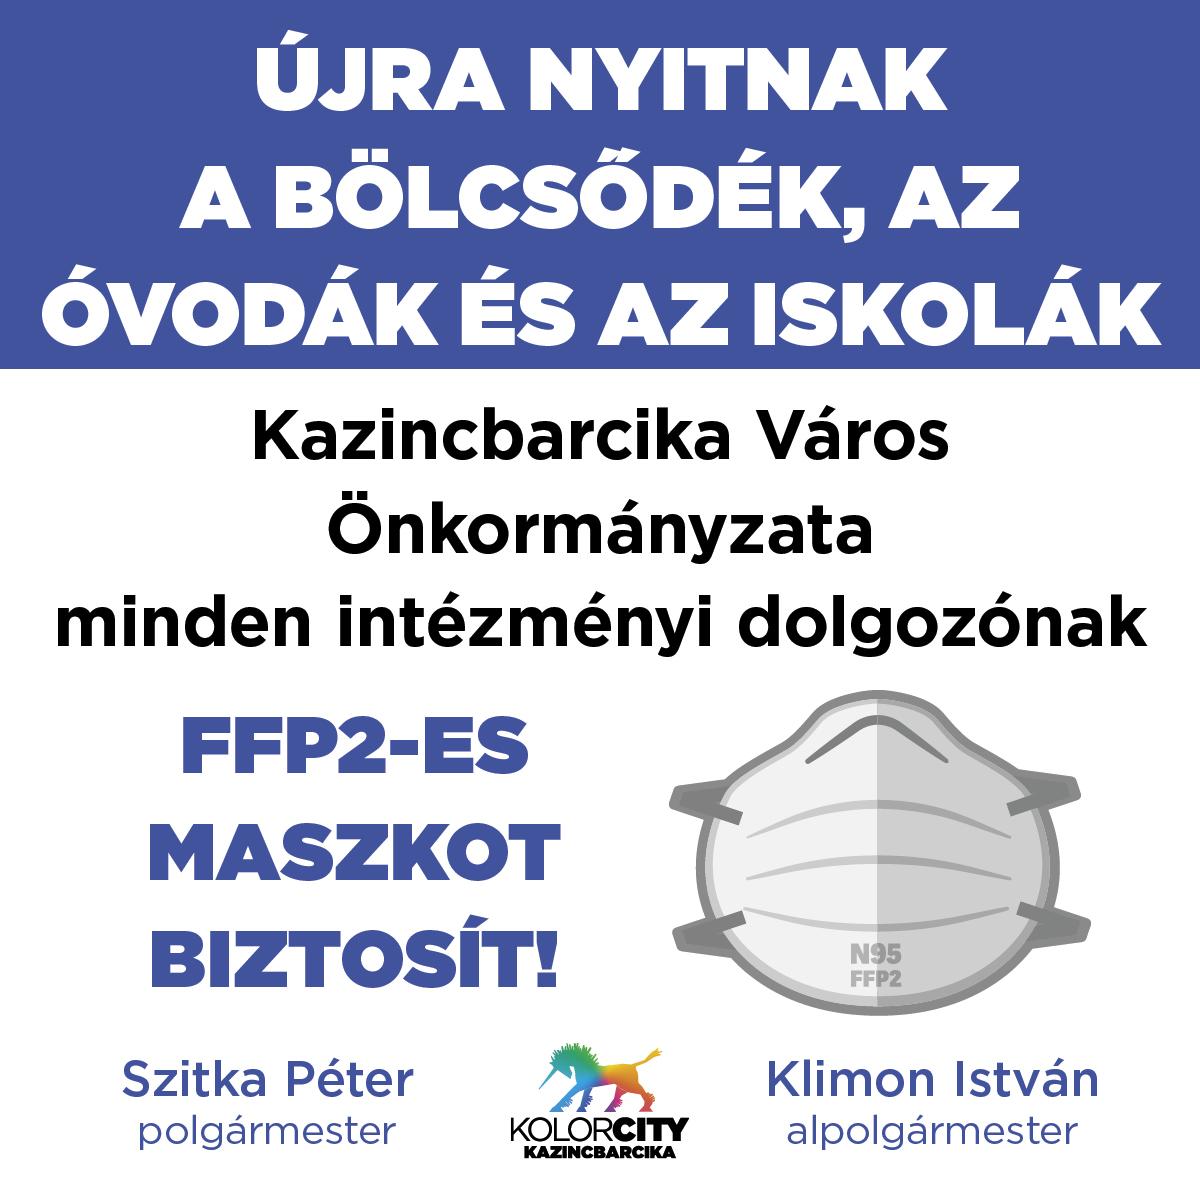 https://kolorline.hu/Újra nyitnak a bölcsődék, az óvodák és az iskolák – Kazincbarcika Város Önkormányzata minden intézményi dolgozónak FFP2-es maszkot biztosít!